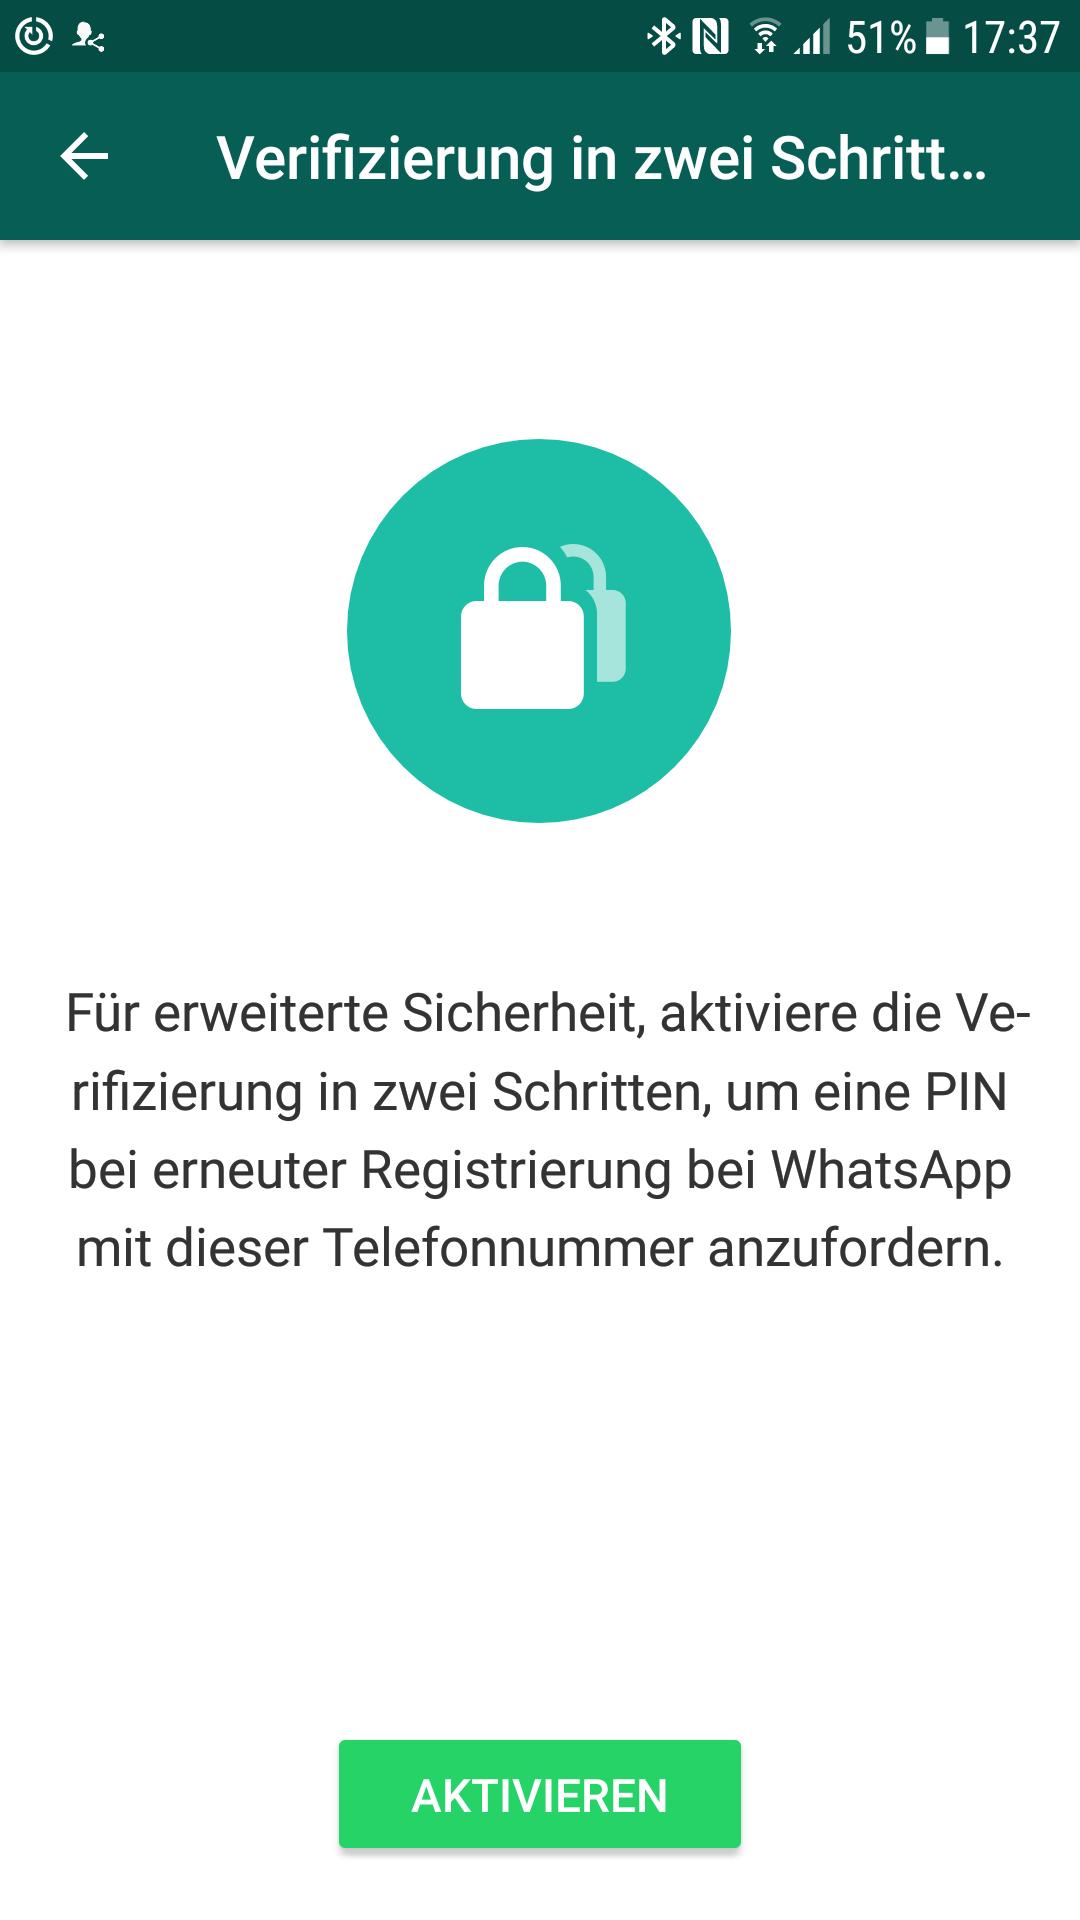 Zwei-Faktor-Authentifizierung für WhatsApp – Schutz vor fremdem Zugriff